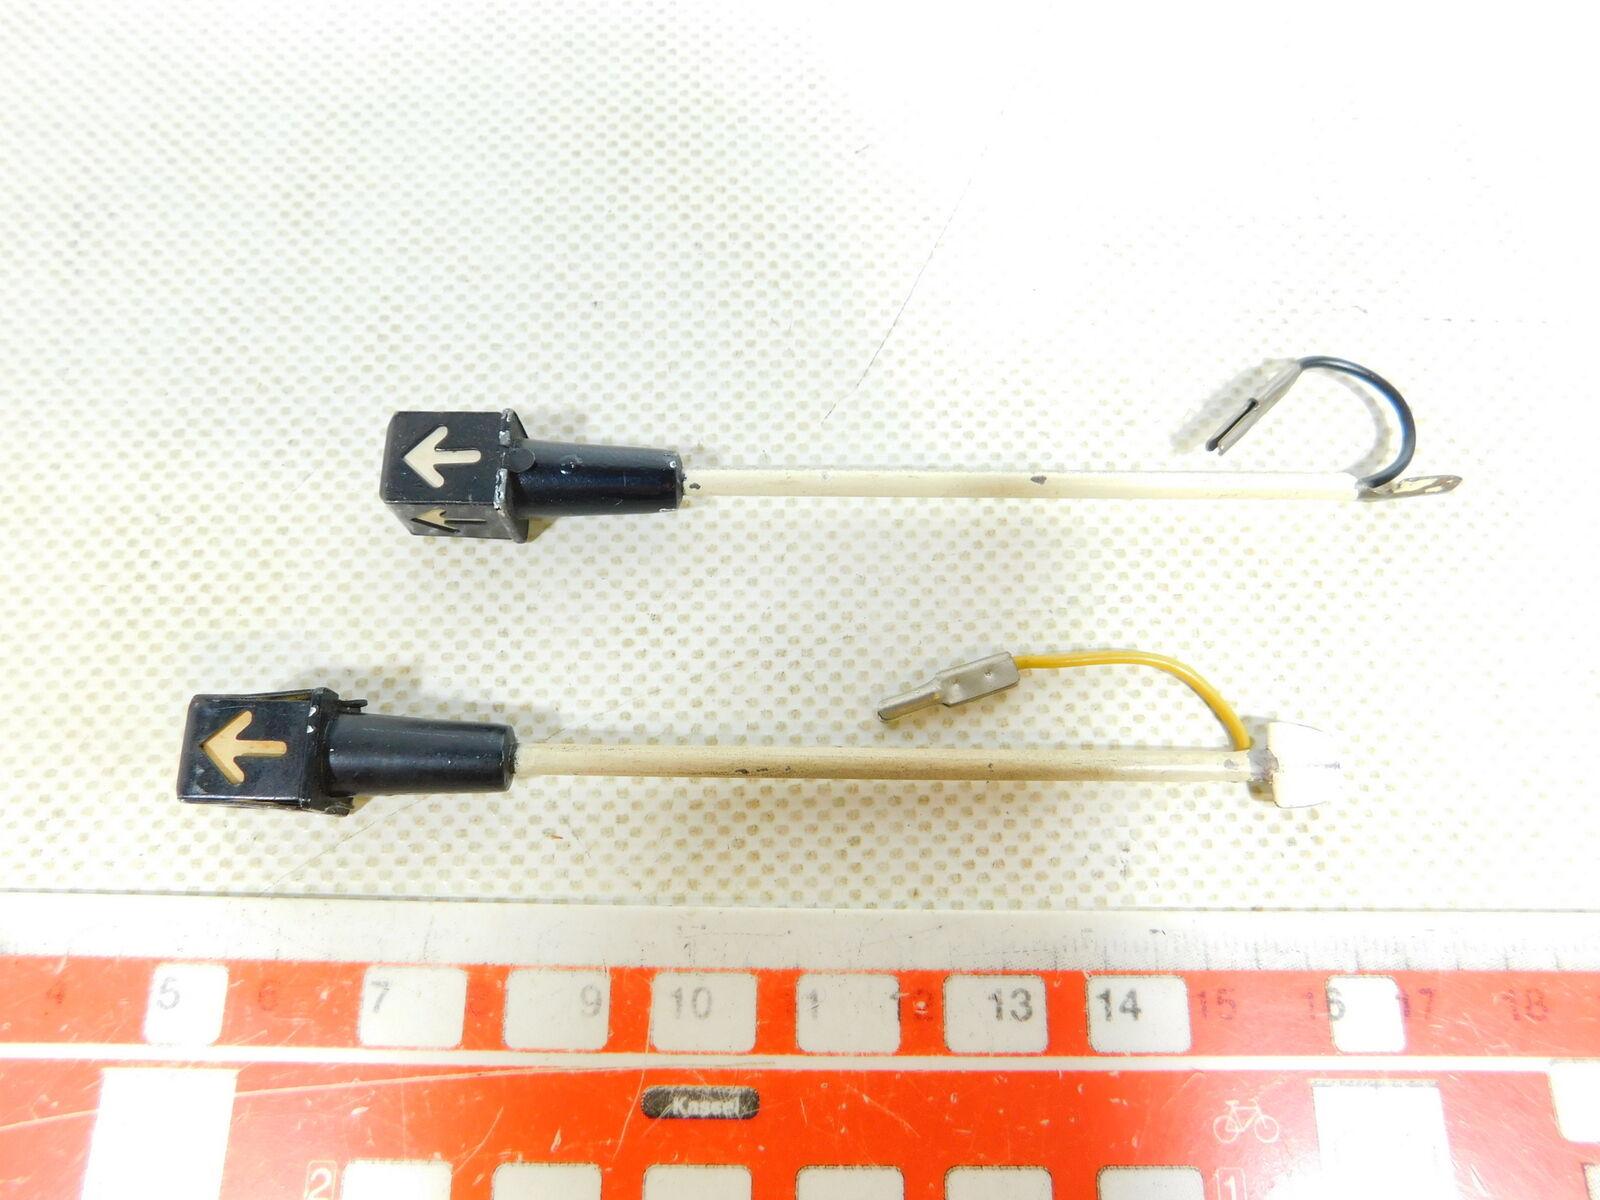 BX584-0,5  2x Märklin H0  Palo 00  Ac Palo  Della Luce per Raccordi 3600 800, Testato 3d7651